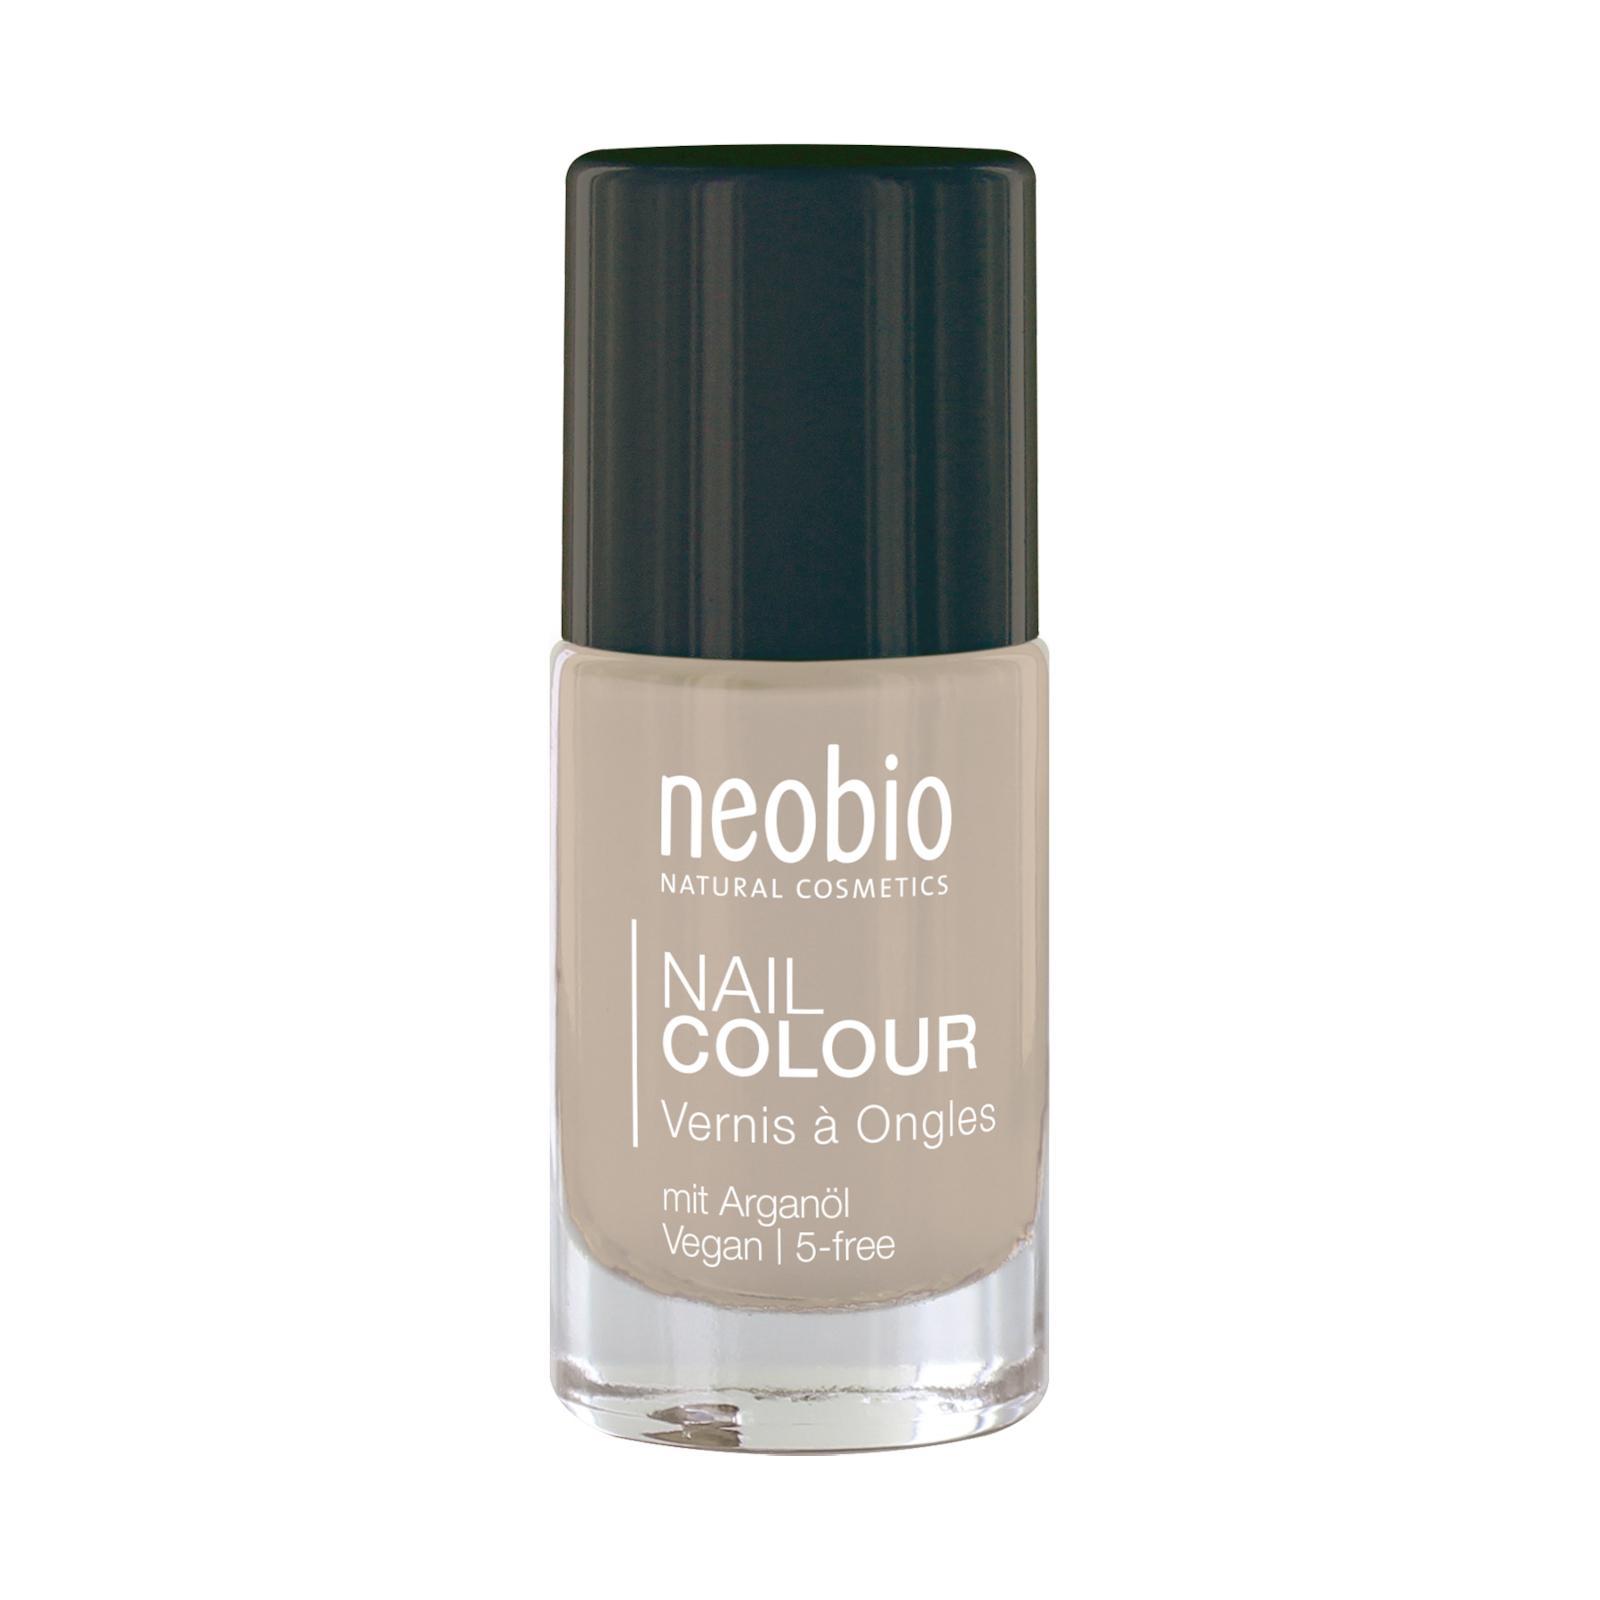 Biooo Cz Neobio Lak Na Nehty 10 Perfect Nude 8 Ml